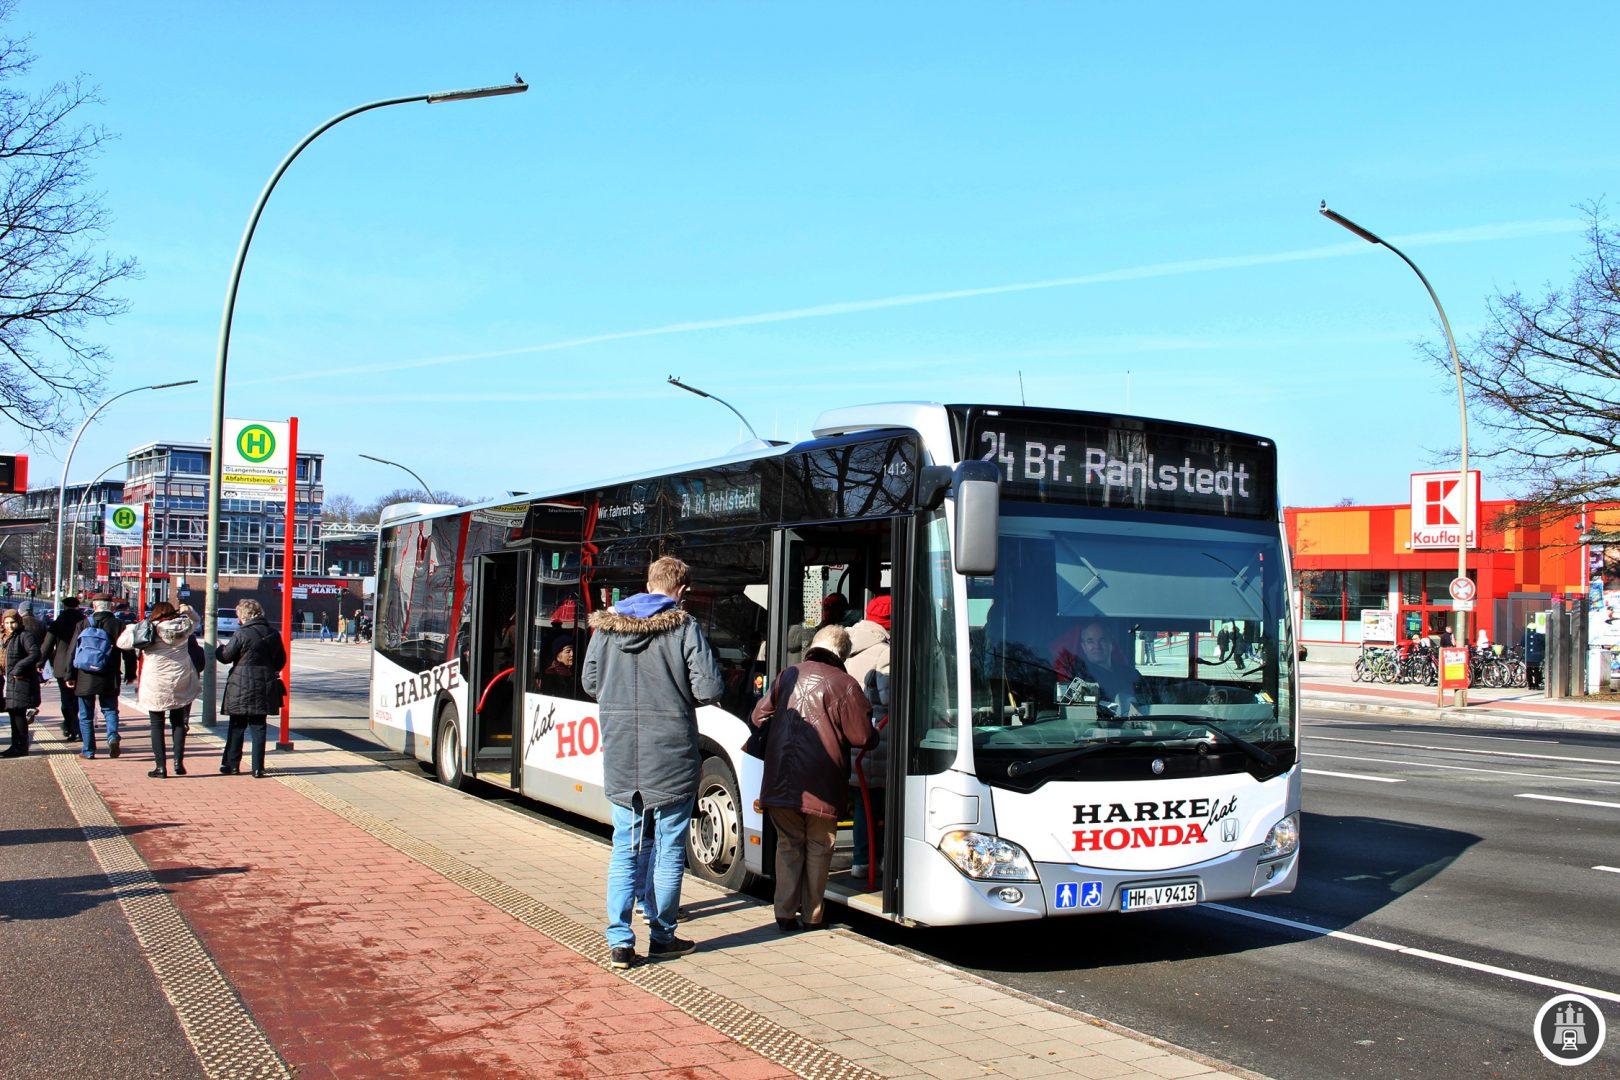 Bereits seit 1918 existiert die Station Langenhorn Markt. Am Anfang diente lediglich ein Behelfsbahnsteig am Gütergleis zum Langenhorner Güterbahnhof als Möglichkeit des Fahrgastwechsels. Heute kann man hier auch in die Buslinien 192, 193, 292 umsteigen.